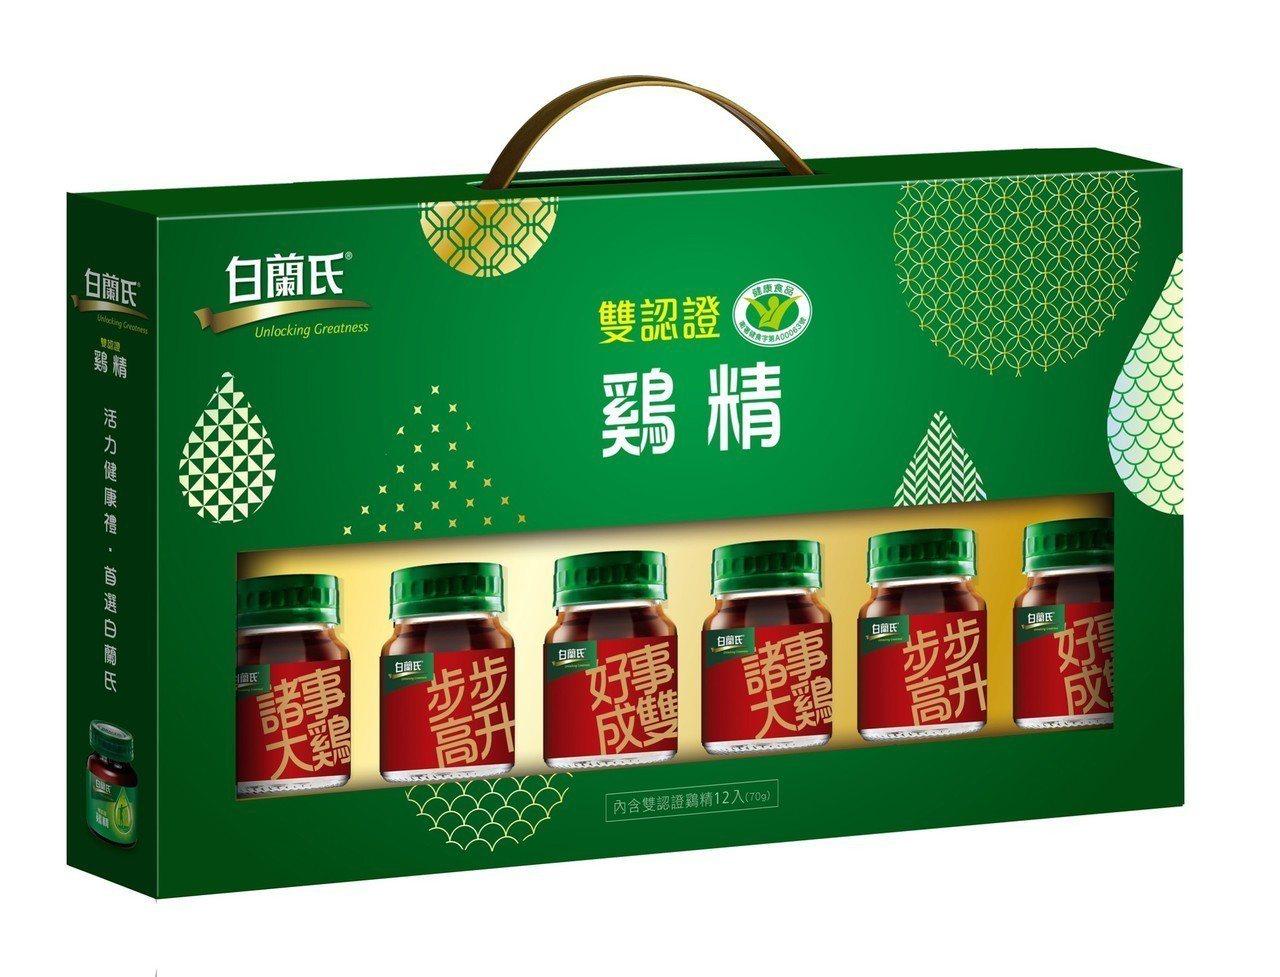 外瓶印有好運吉祥話的白蘭氏鷄精年節限定版禮盒,相當吸睛。圖/白蘭氏提供